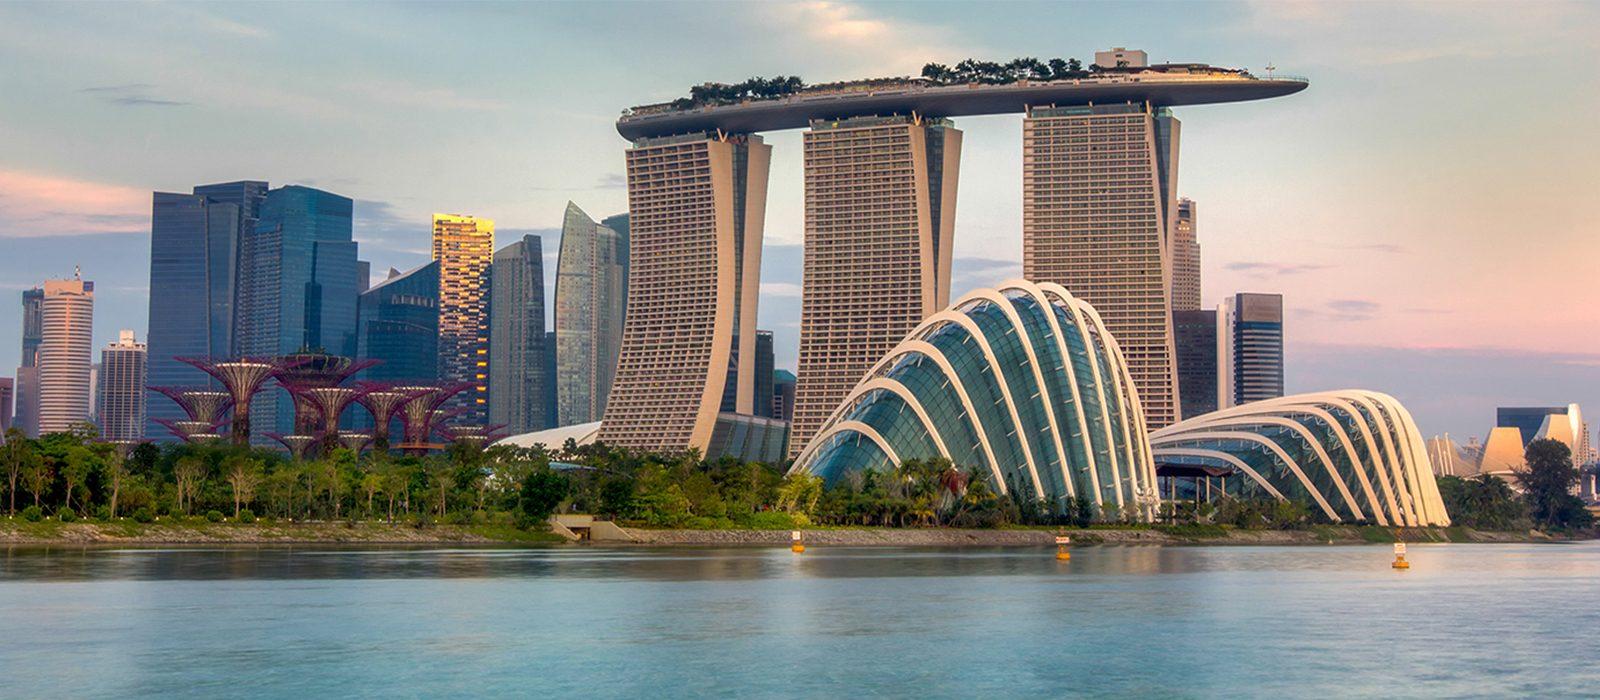 Marina Bay Sands (Singapore) - ví dụ thành công của nhà cao tầng ven biển